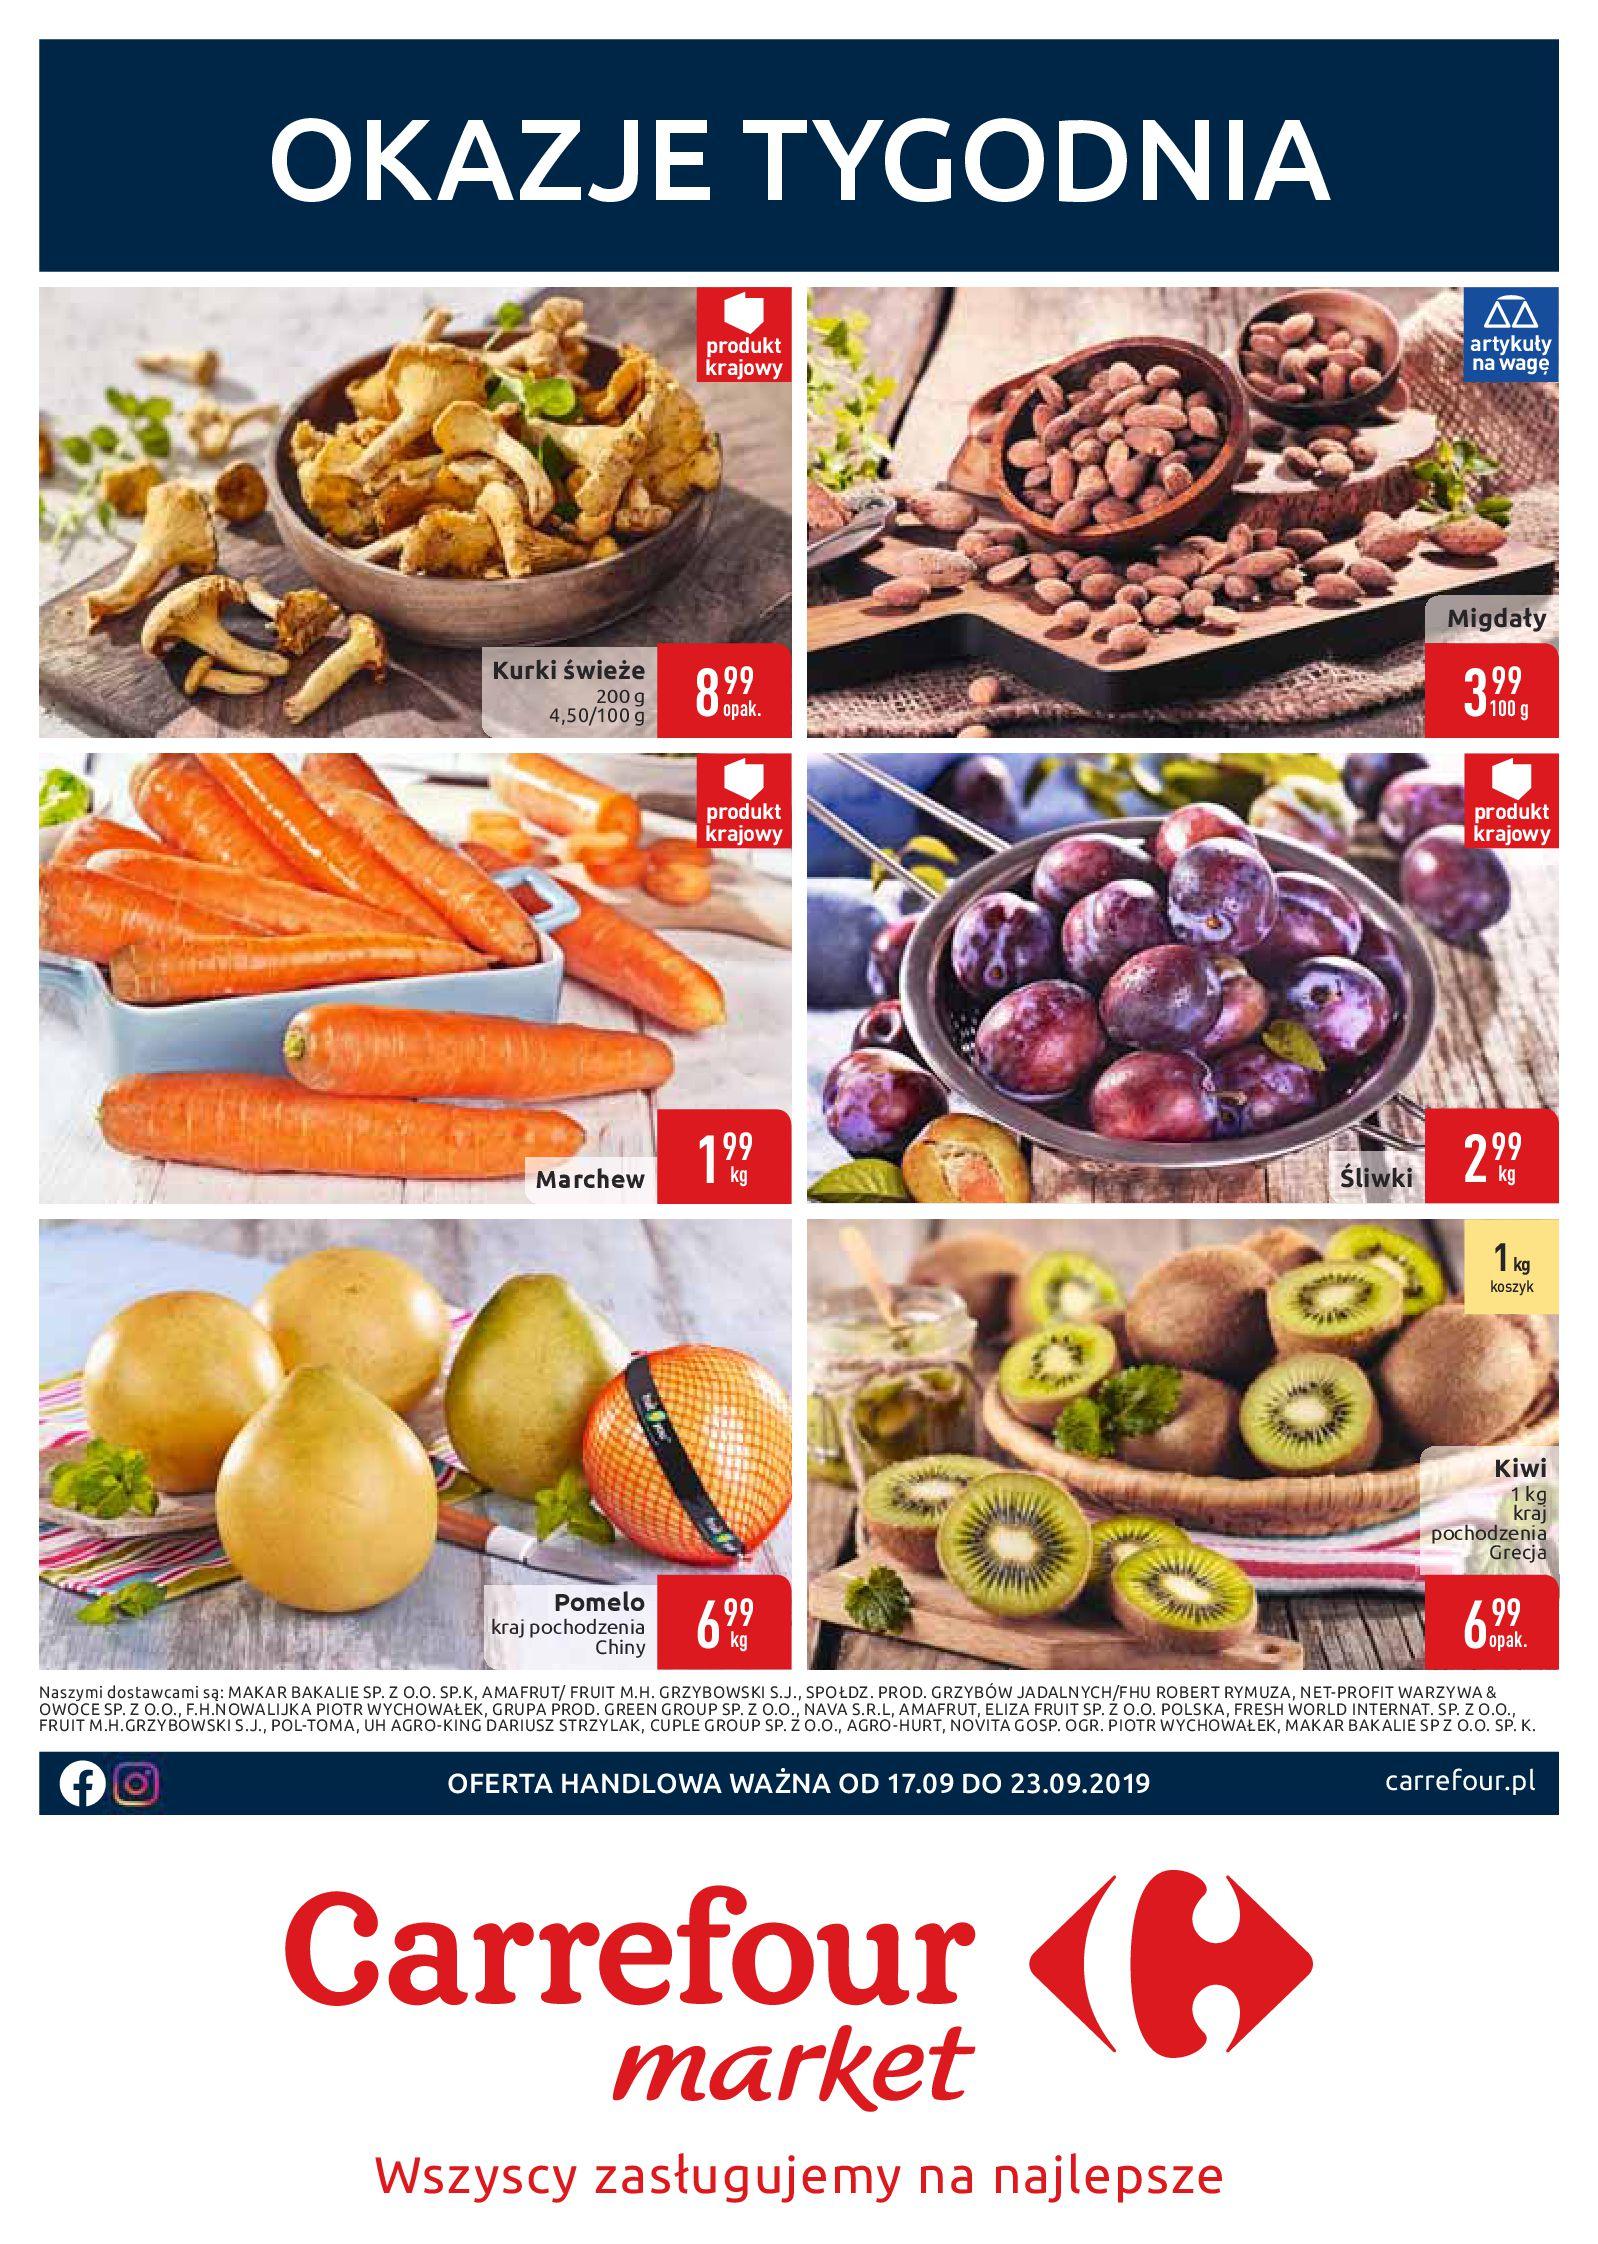 Gazetka Carrefour Market - Okazje tygodnia-16.09.2019-23.09.2019-page-